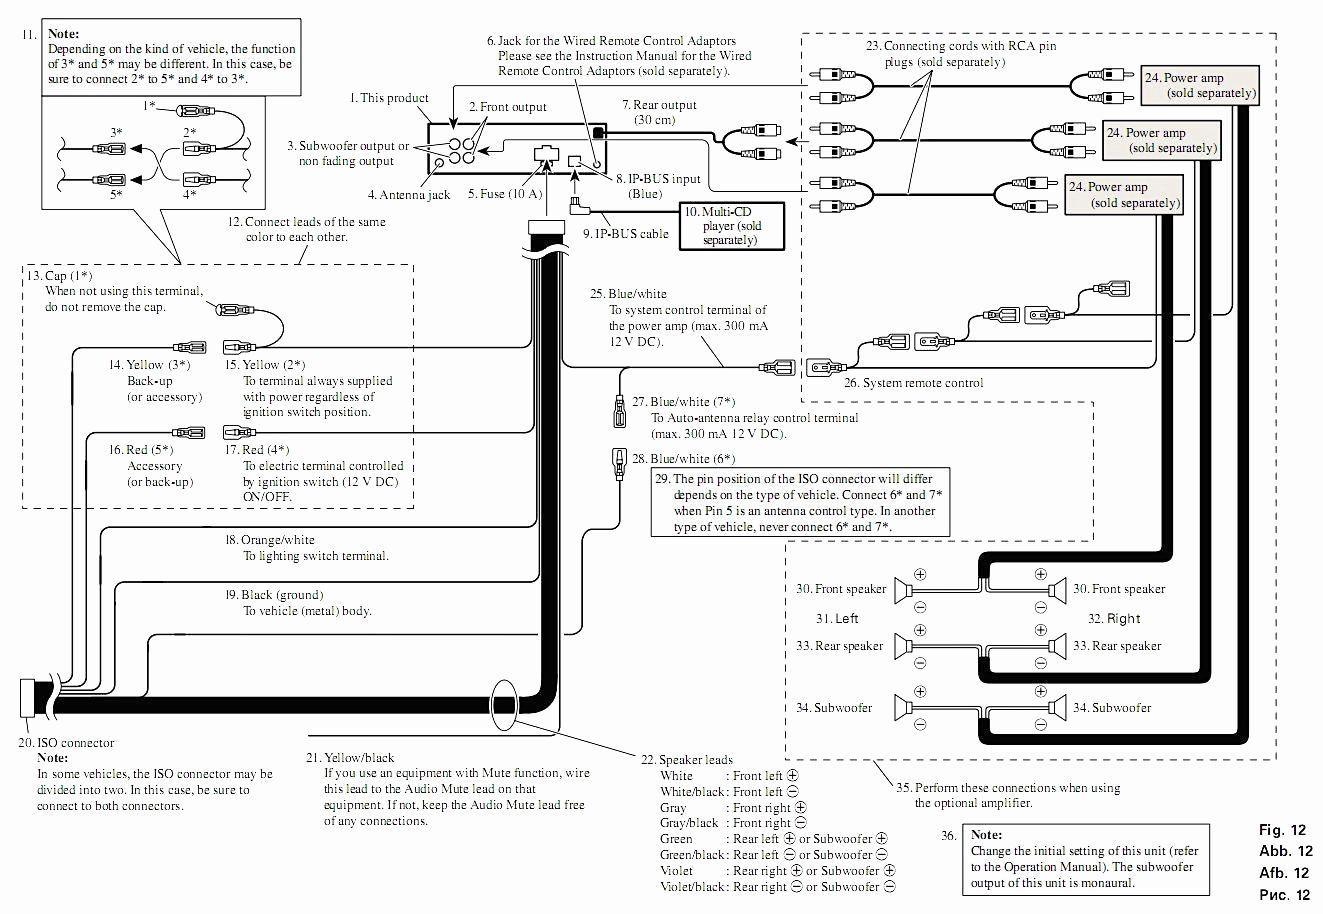 pioneer deh 150mp wiring diagram wirings diagramwiring diagram for pioneer deh 150mp wiring diagram pioneer deh 150mp wiring diagram